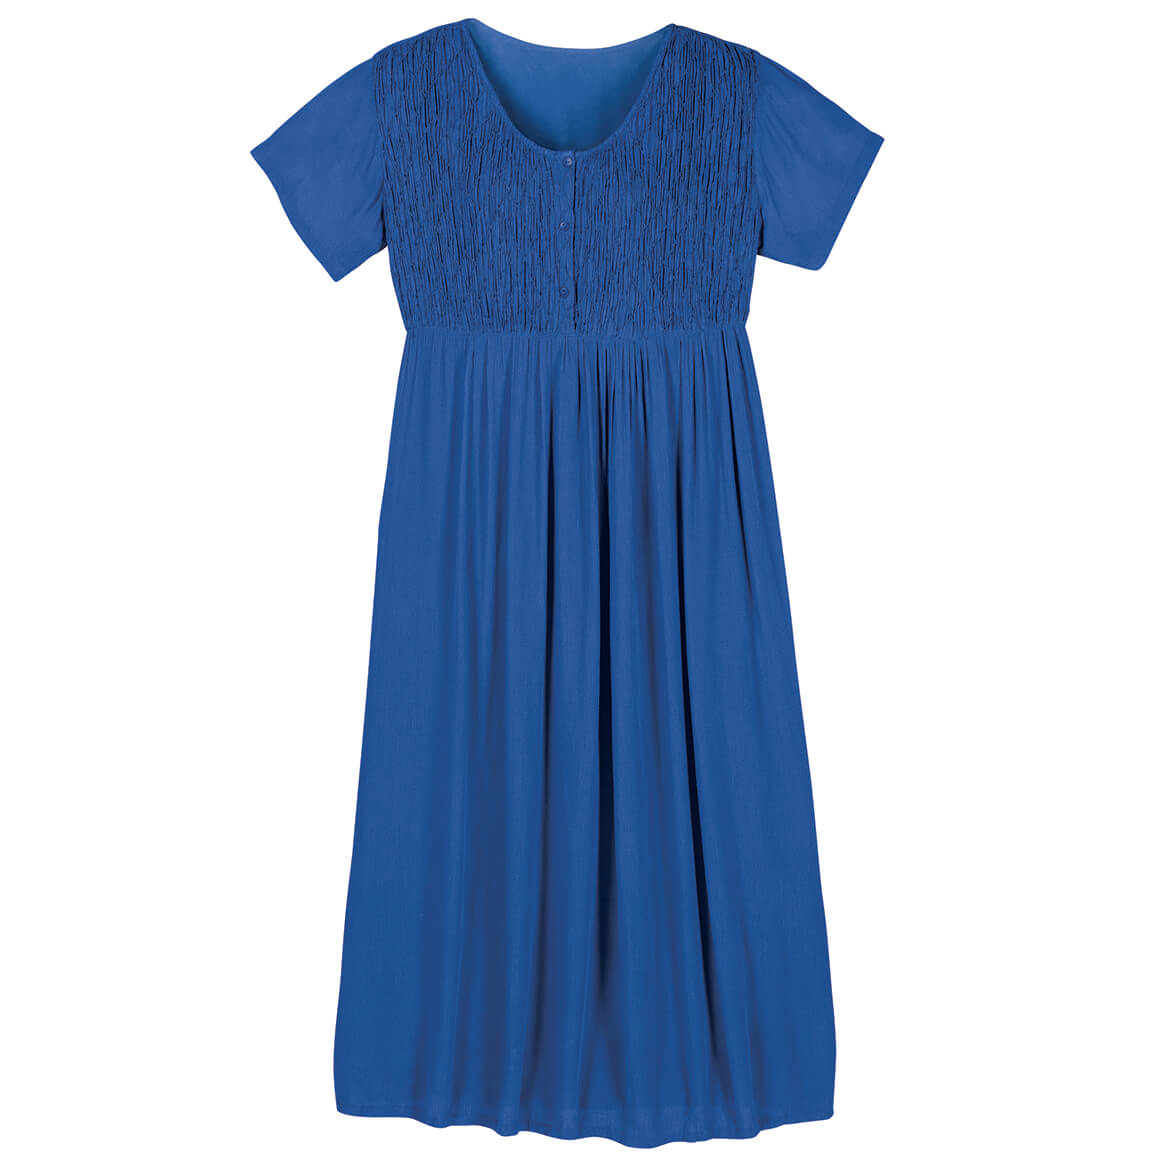 Blue Gauze Dress by Sawyer Creek-367141